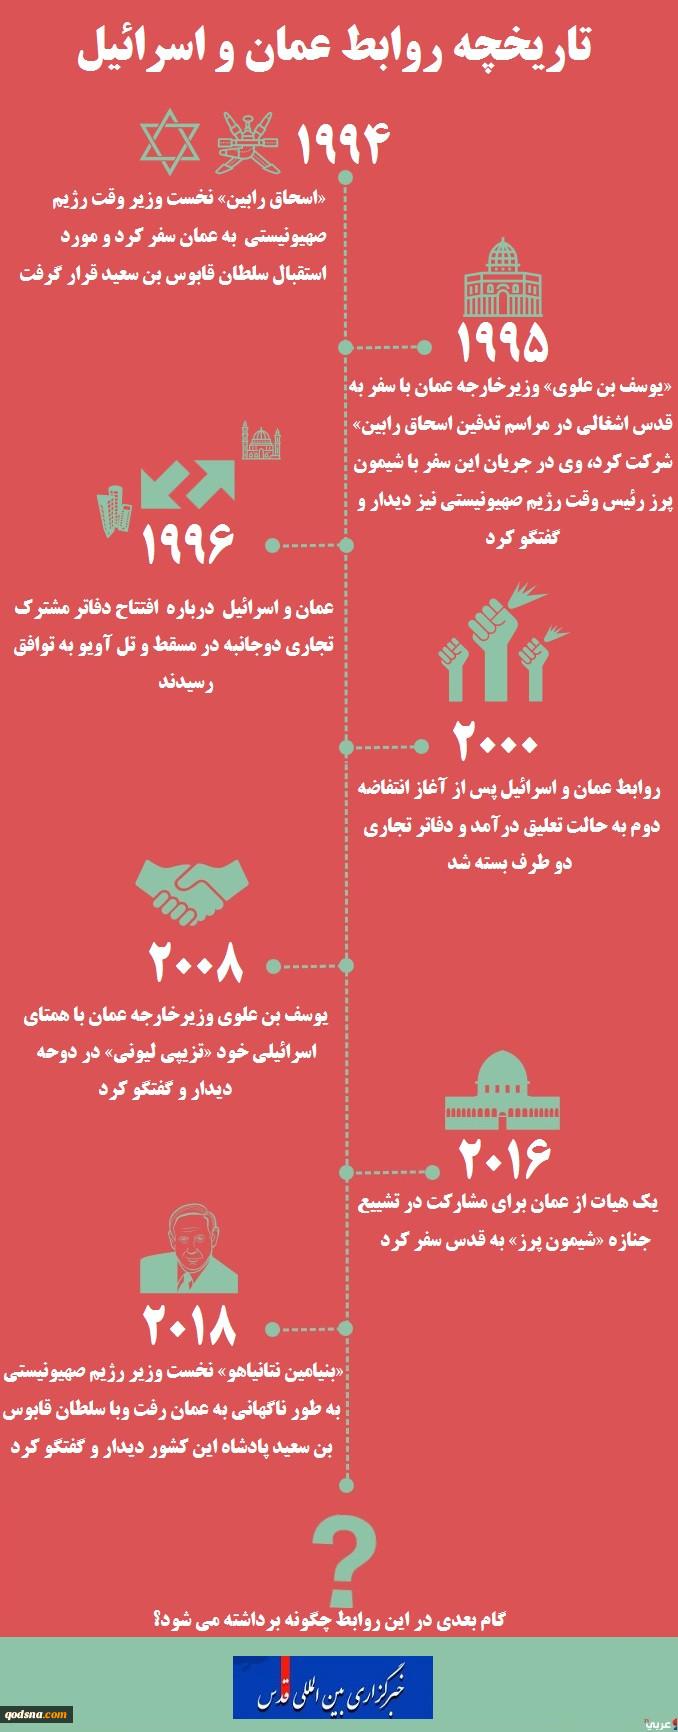 اینفوگرافی  تاریخچه روابط اسرائیل و عمان (از 1994 تا 2018) 2